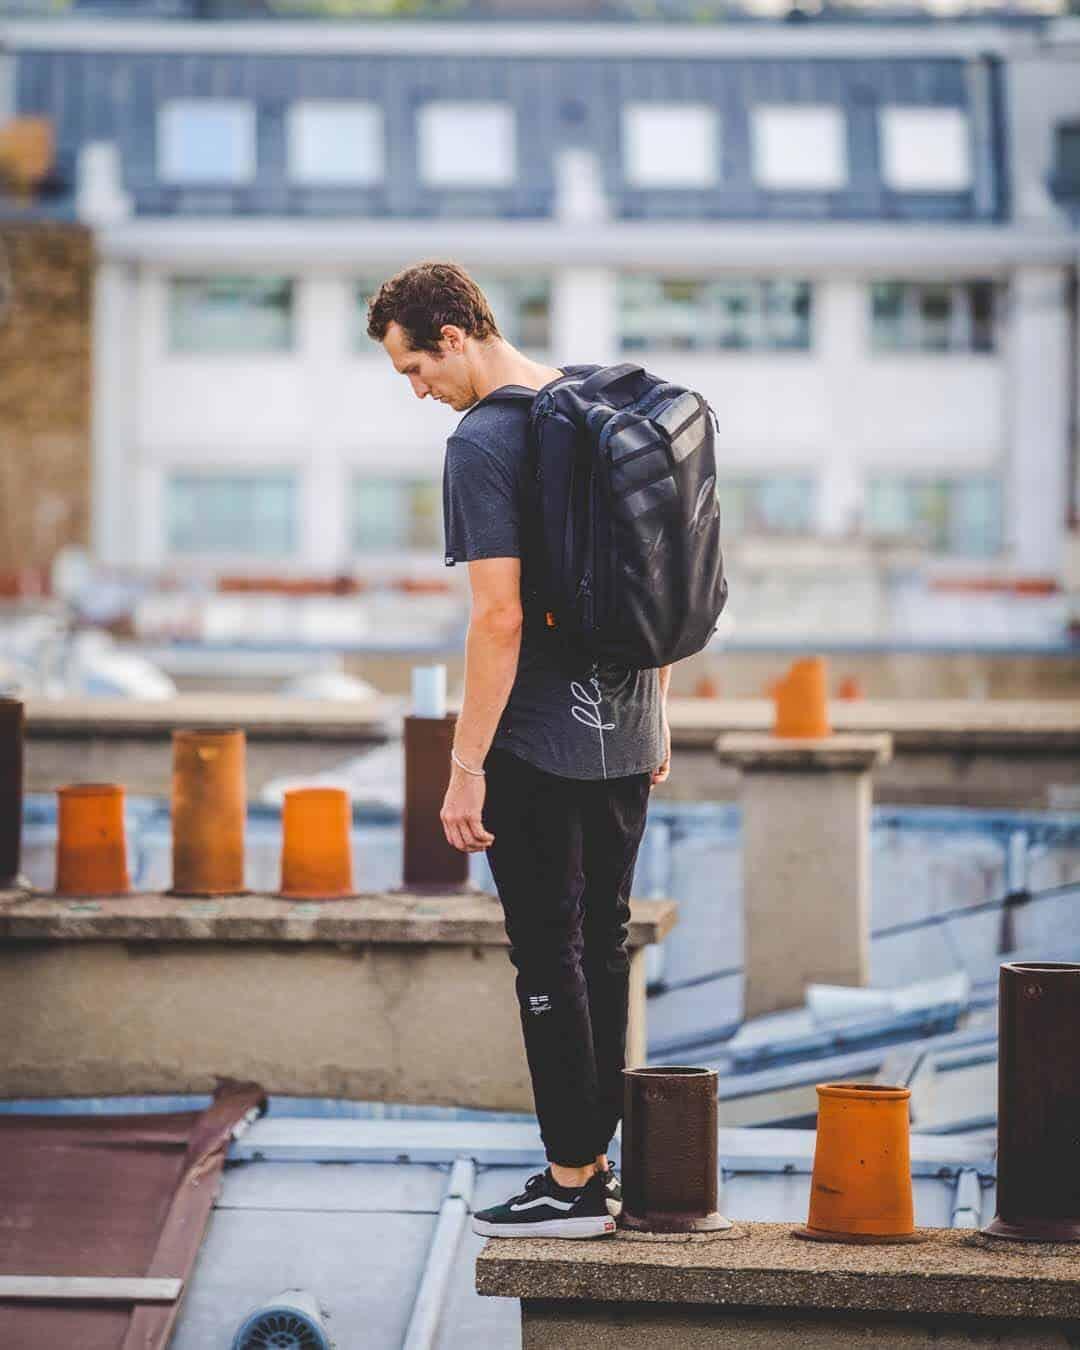 etrefort thibaut parkour clothing outdor paris rooftop pov down